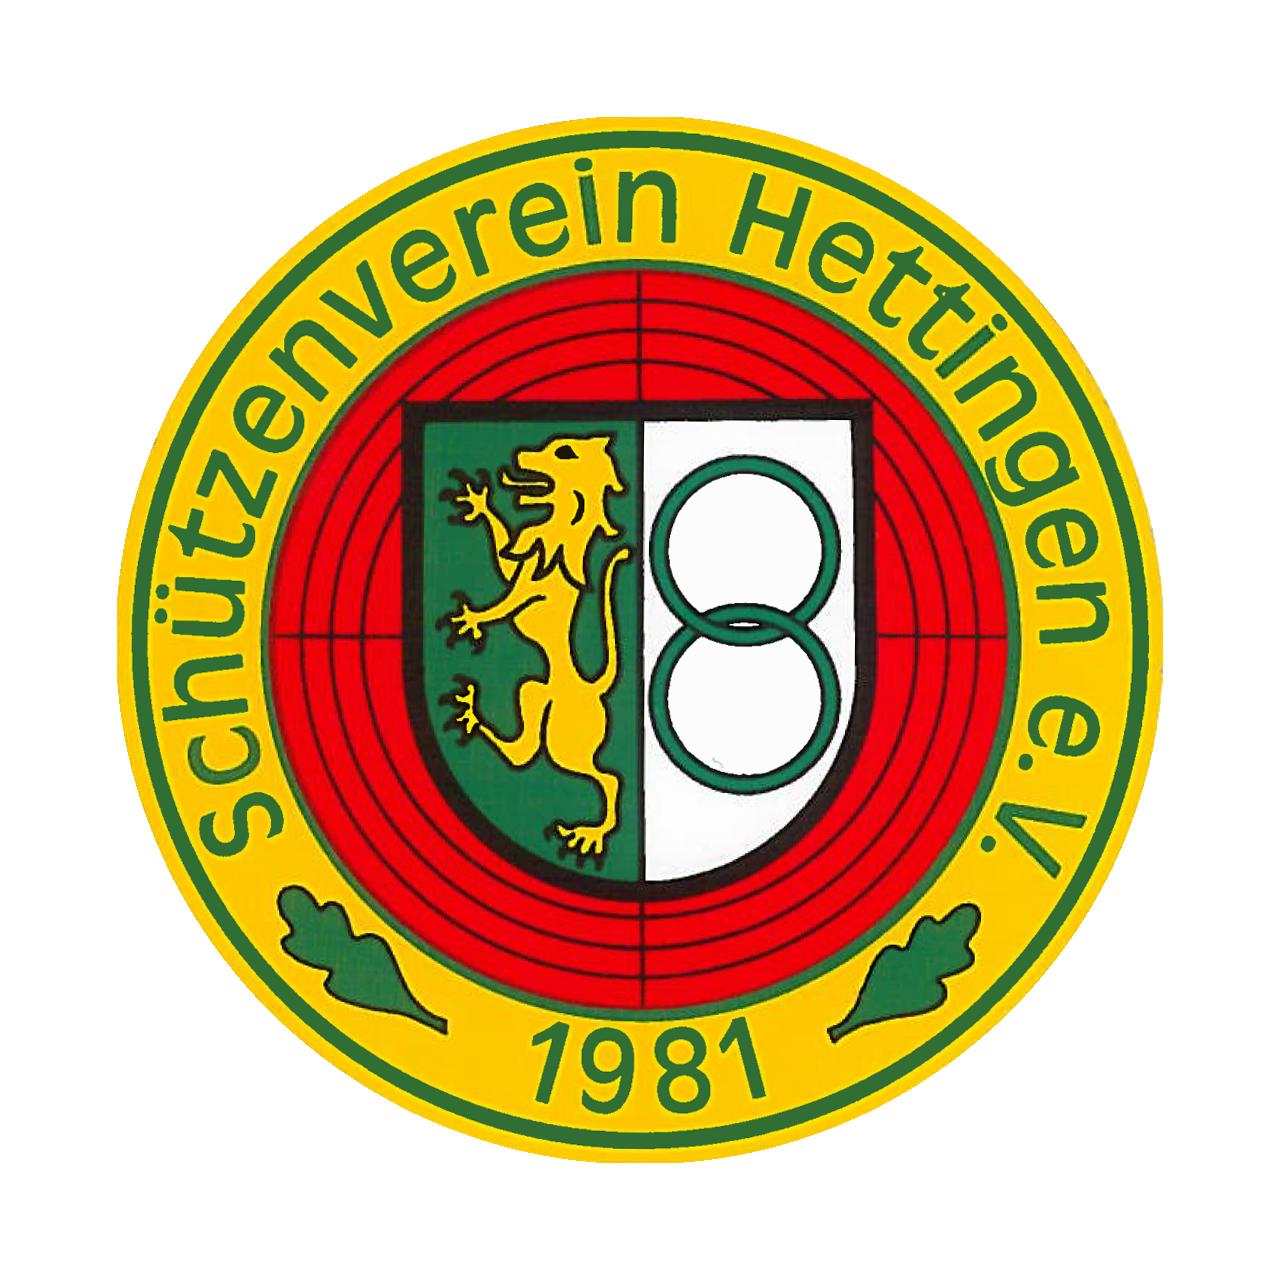 Schützenverein Hettingen